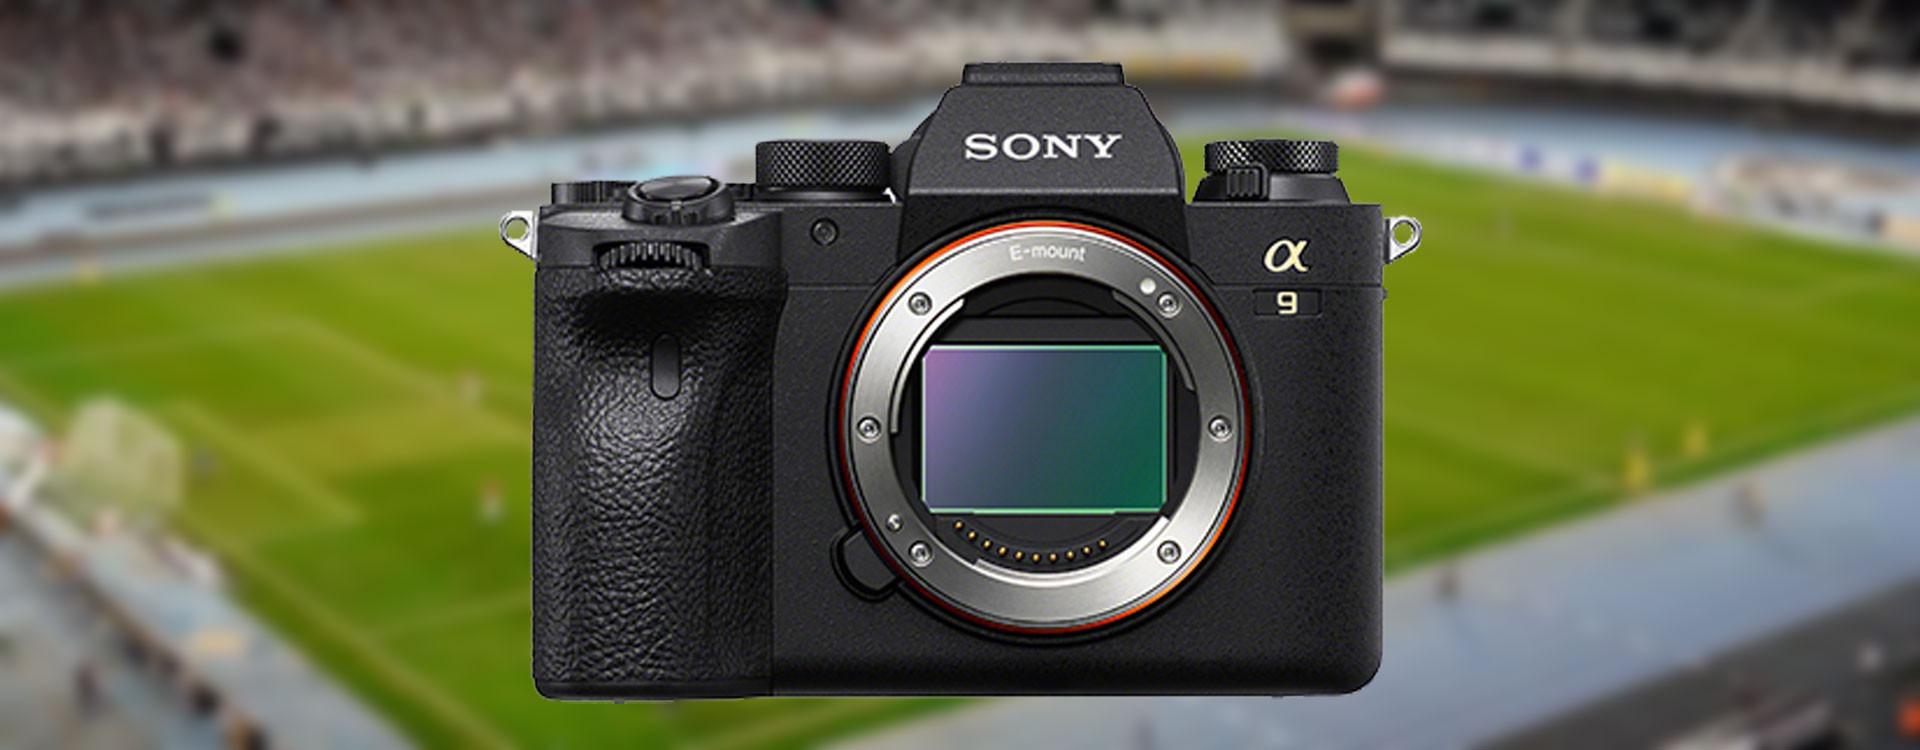 Sony A9 II - bestia nadchodzi!